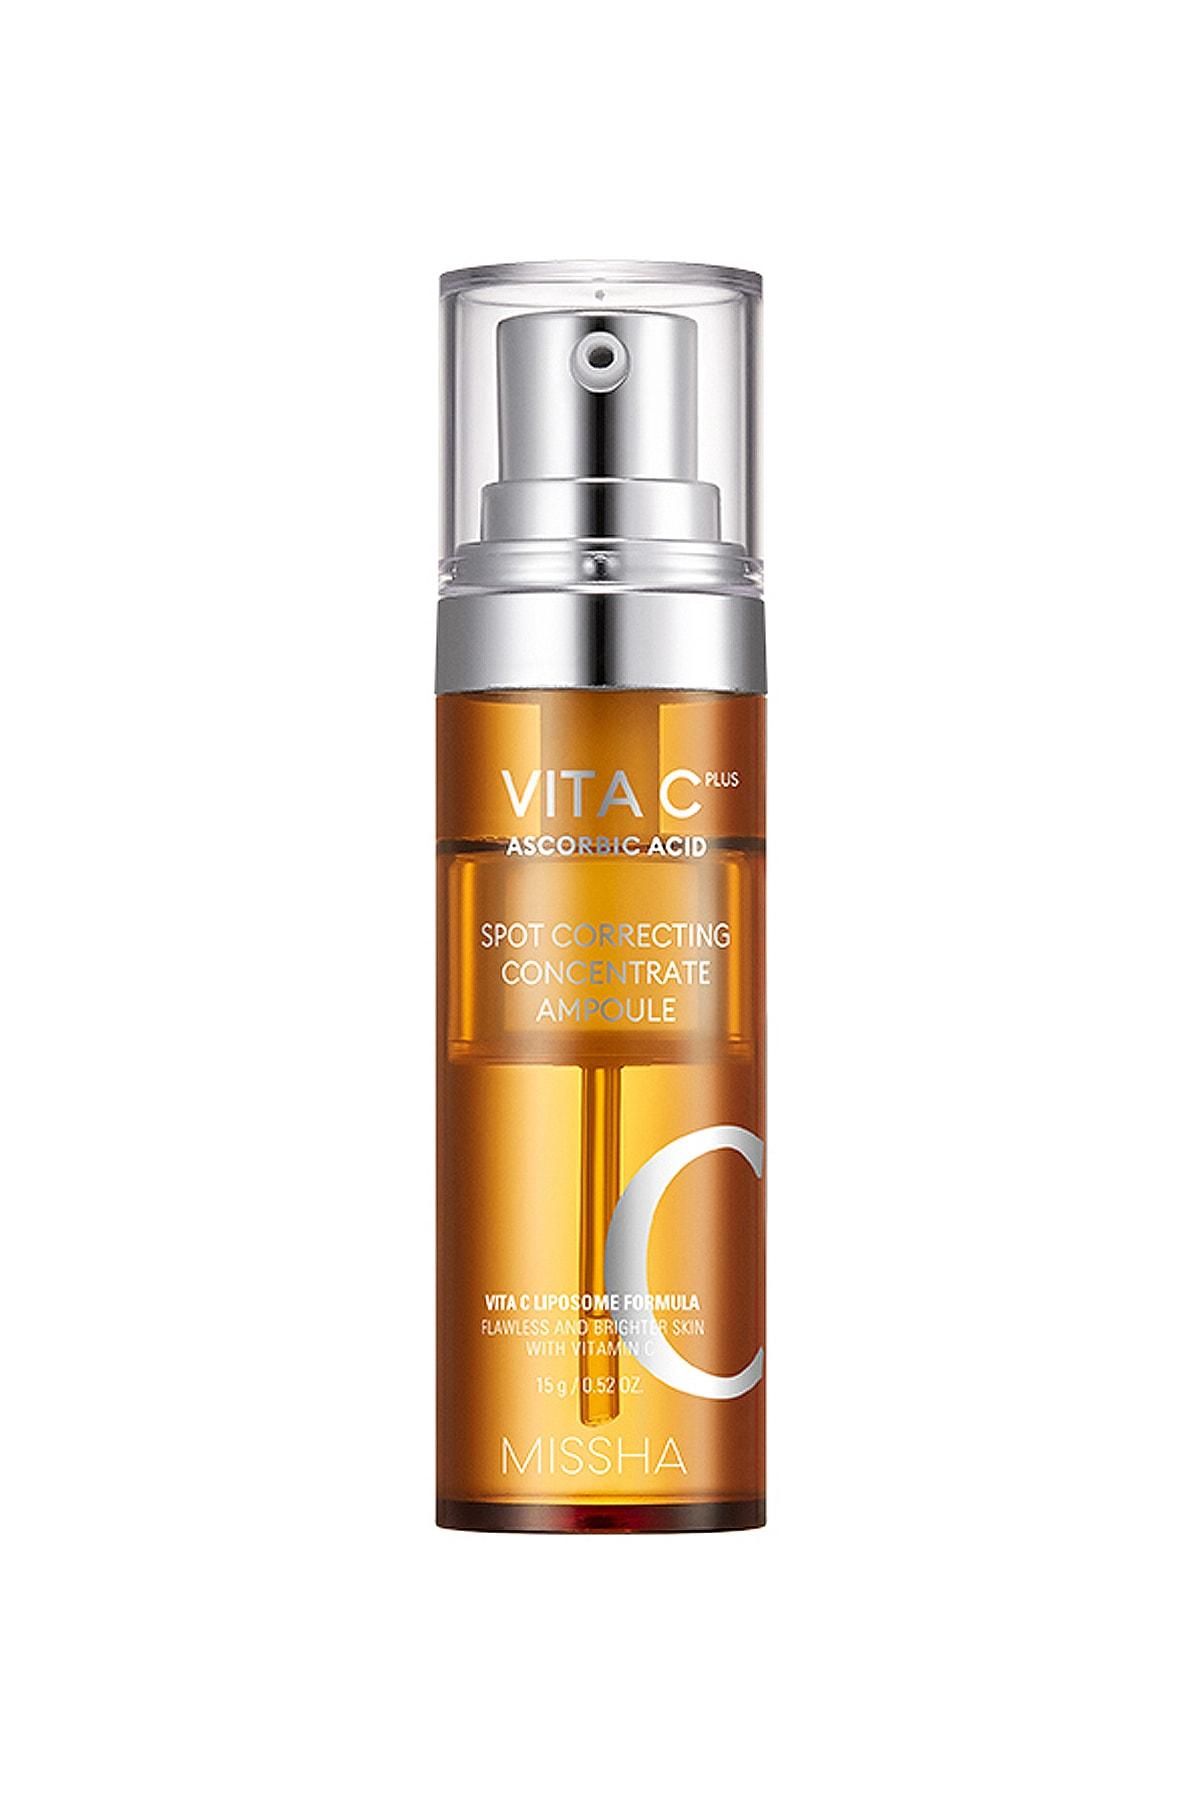 Leke Karşıtı Konsantre C Vitamini Serumu 15g Vita C Plus Correcting Concentrate Ampoule